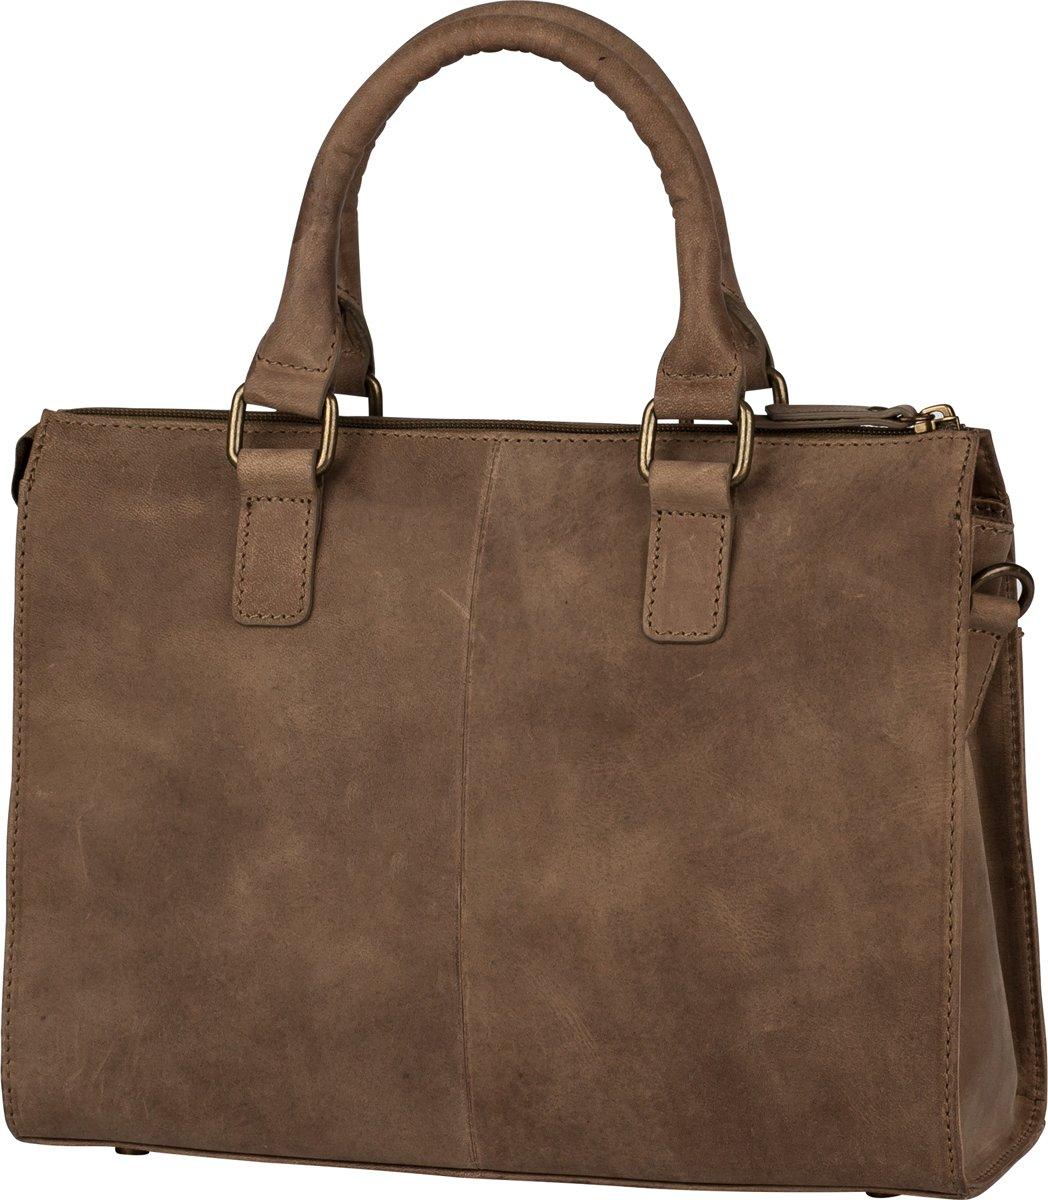 BURKELY Croco Chloe Handbag S Handtas Tundra